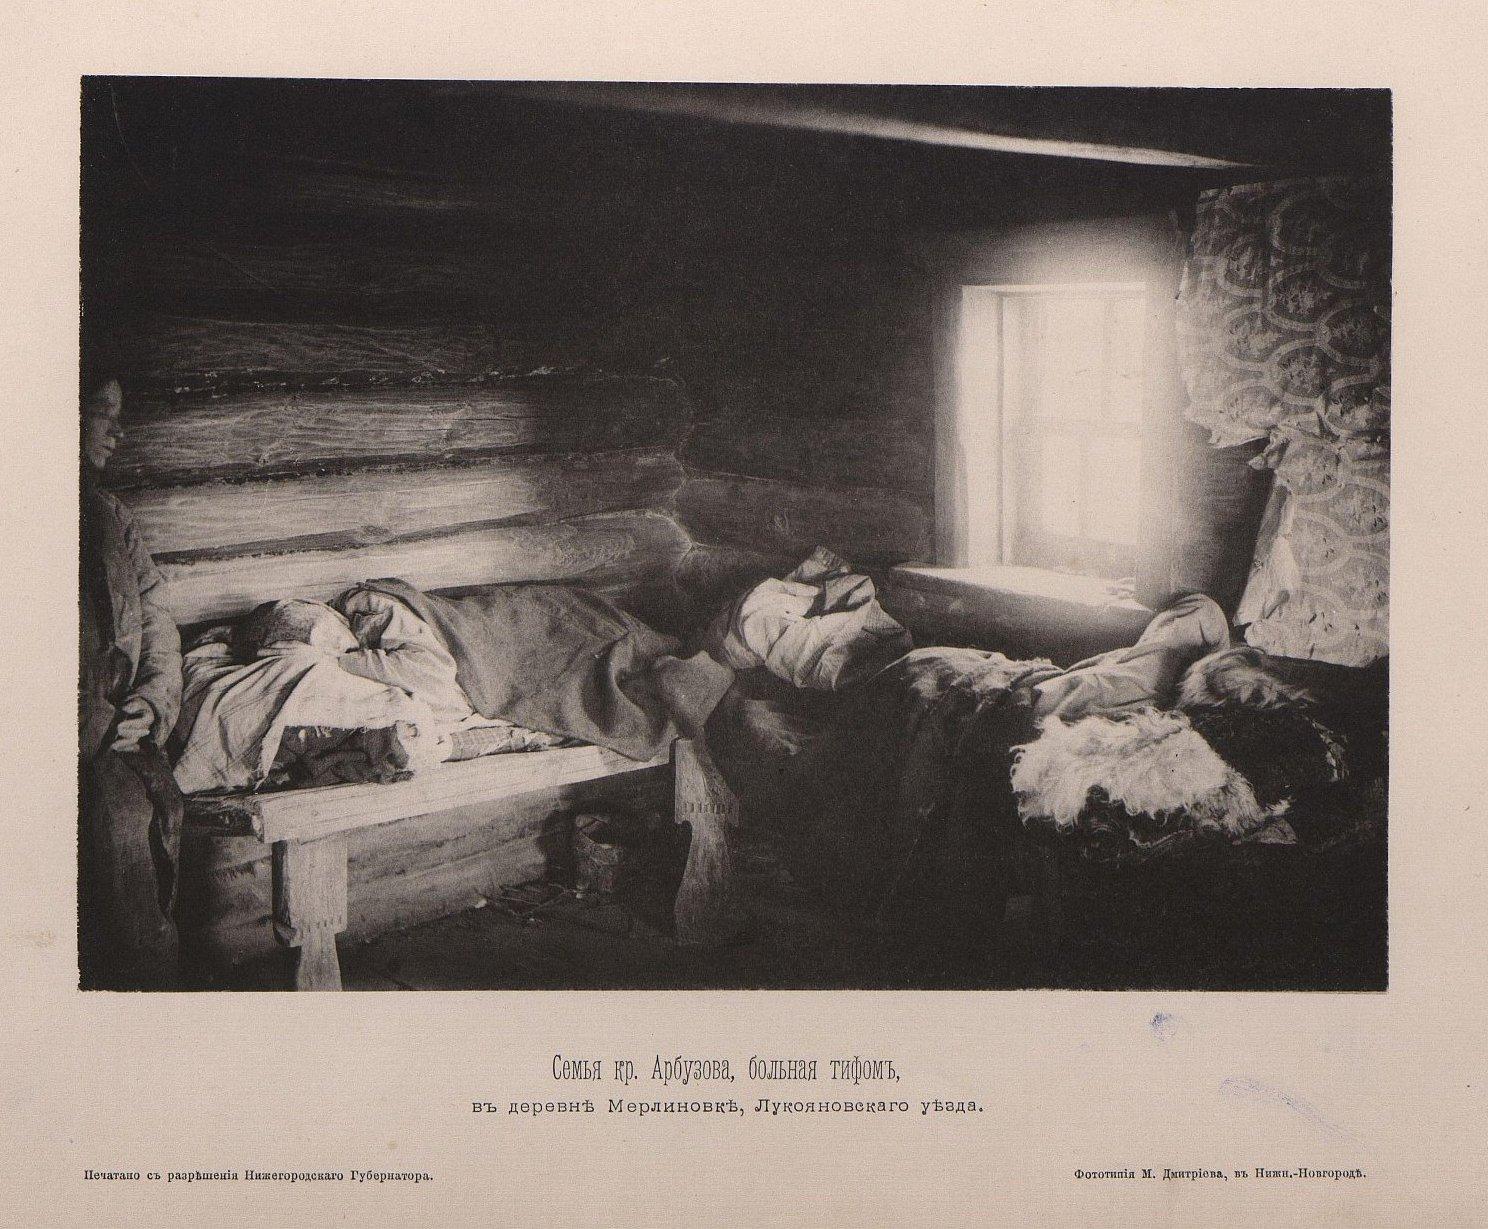 13. Семья крестьянина Арбузова, больная тифом, в деревне Мерлиновке Лукояновского уезда